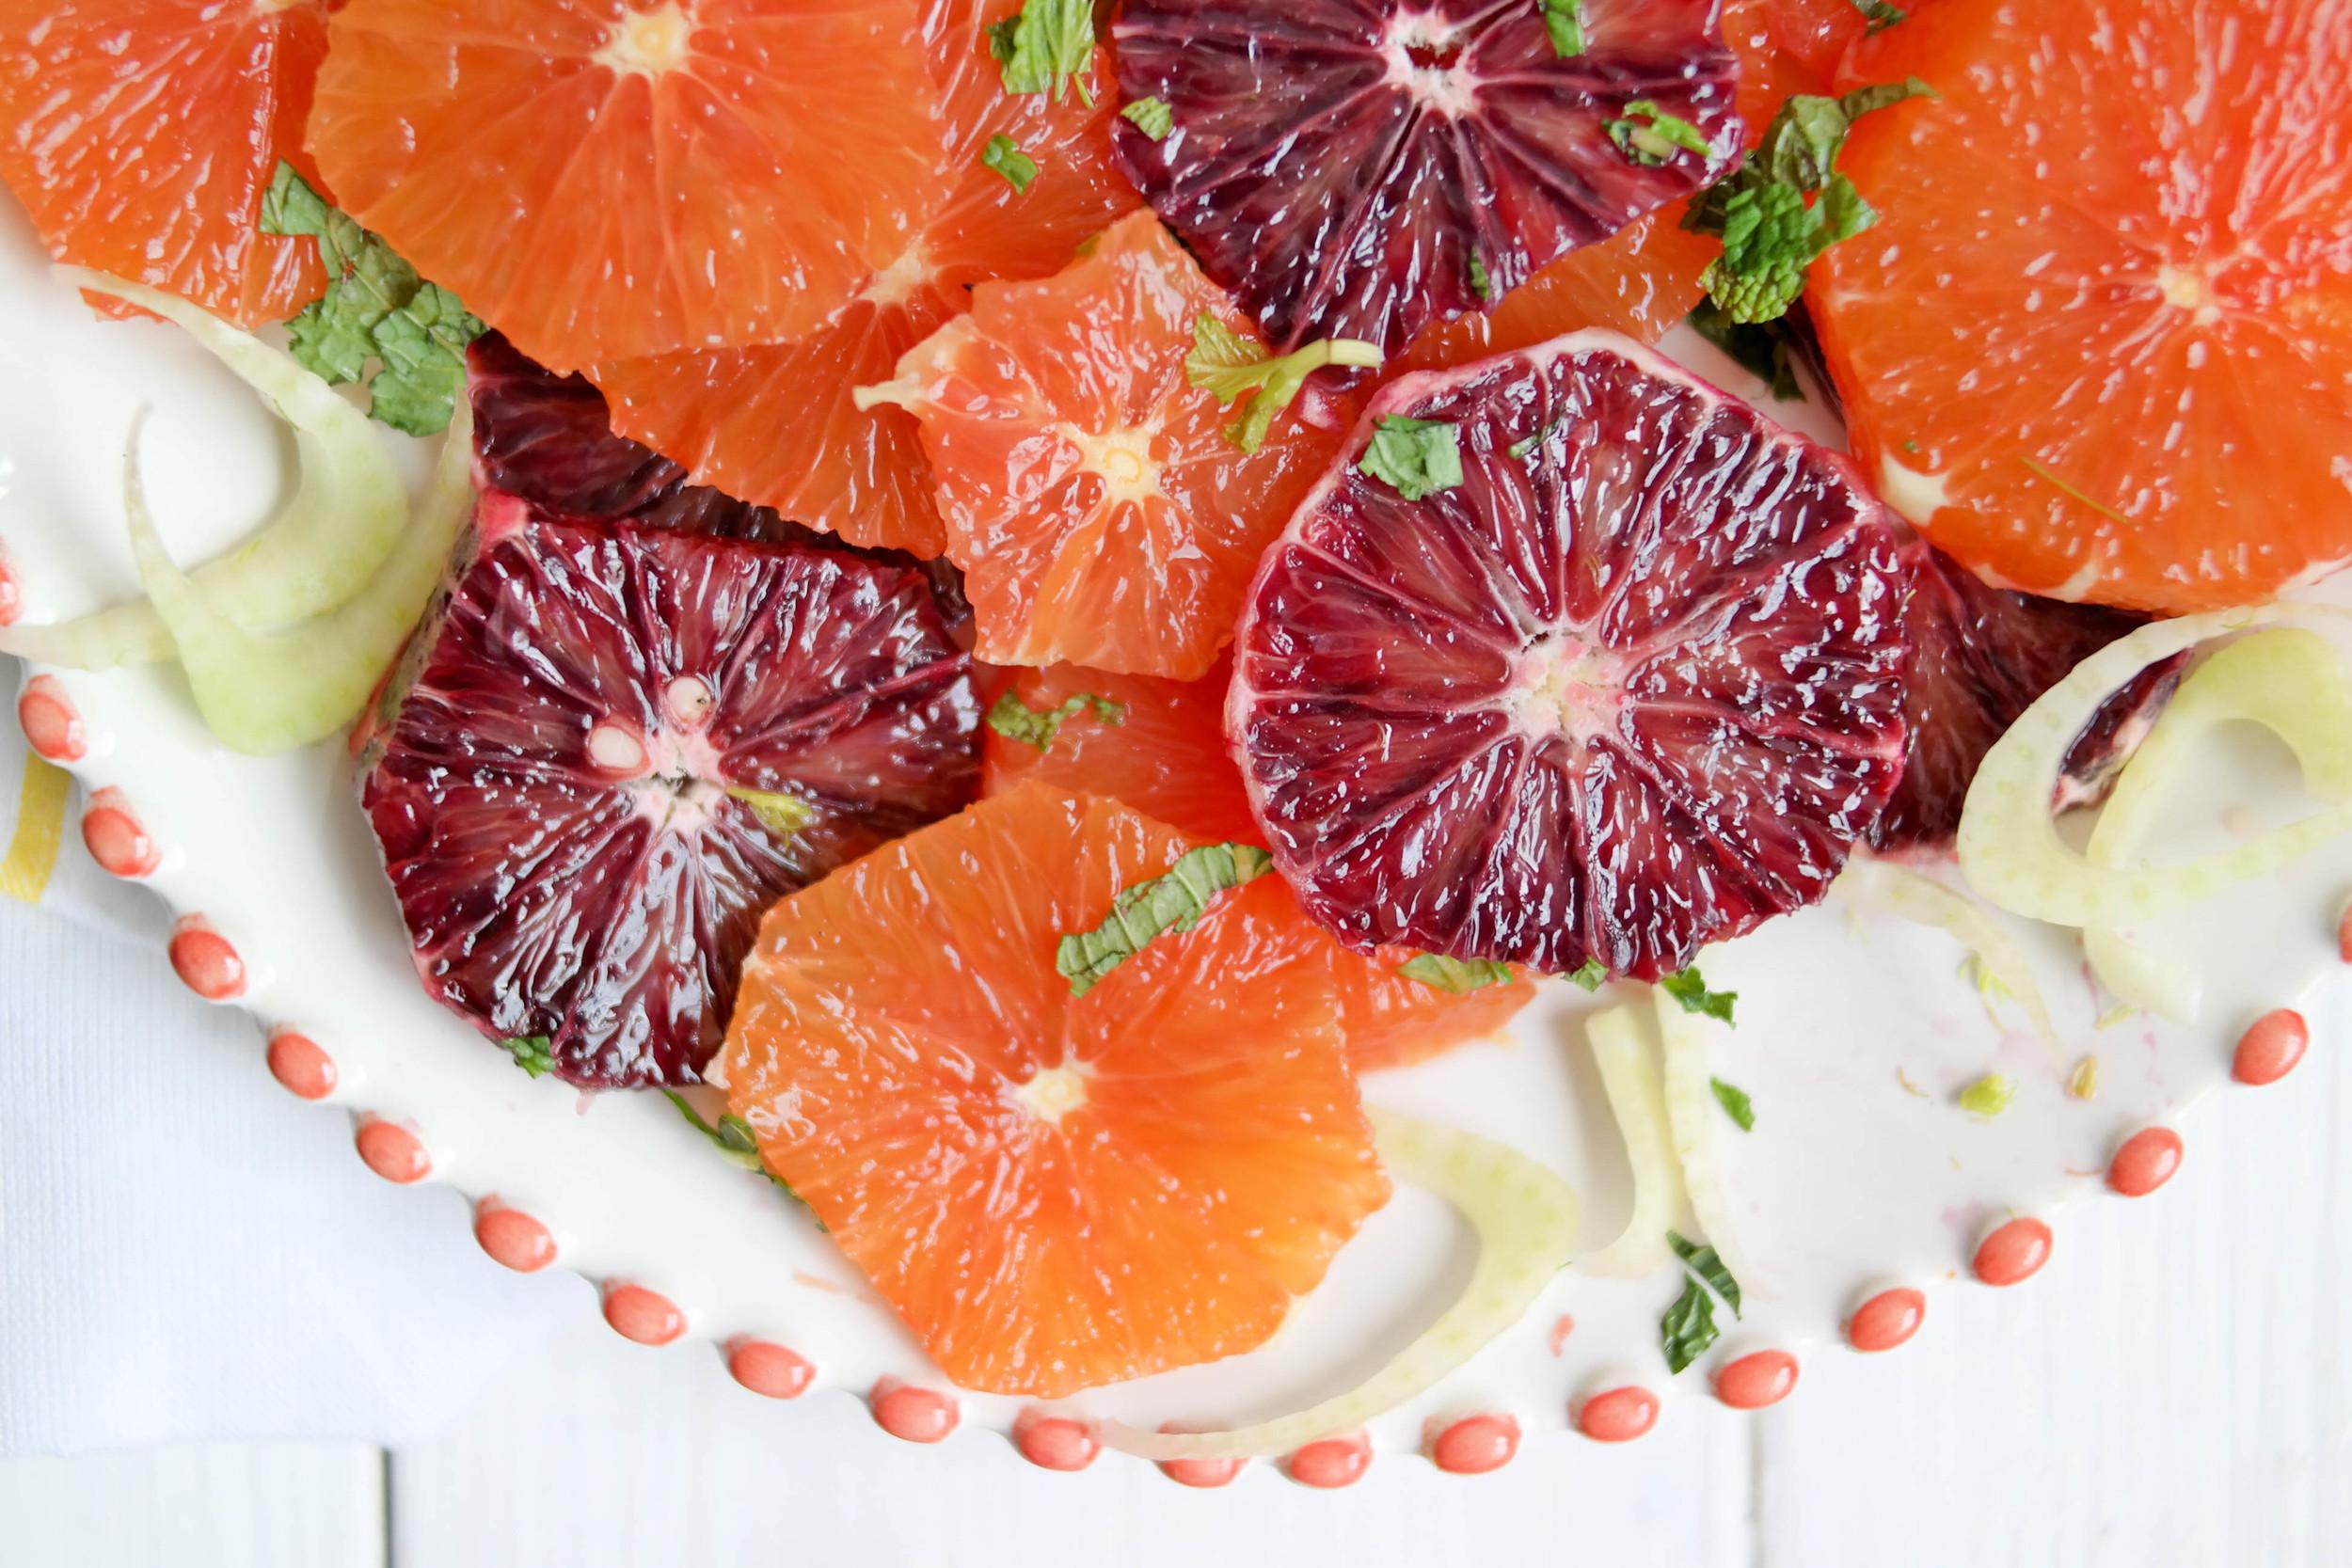 7-Orange-and-Fennel-Salad | www.8thandlake.com